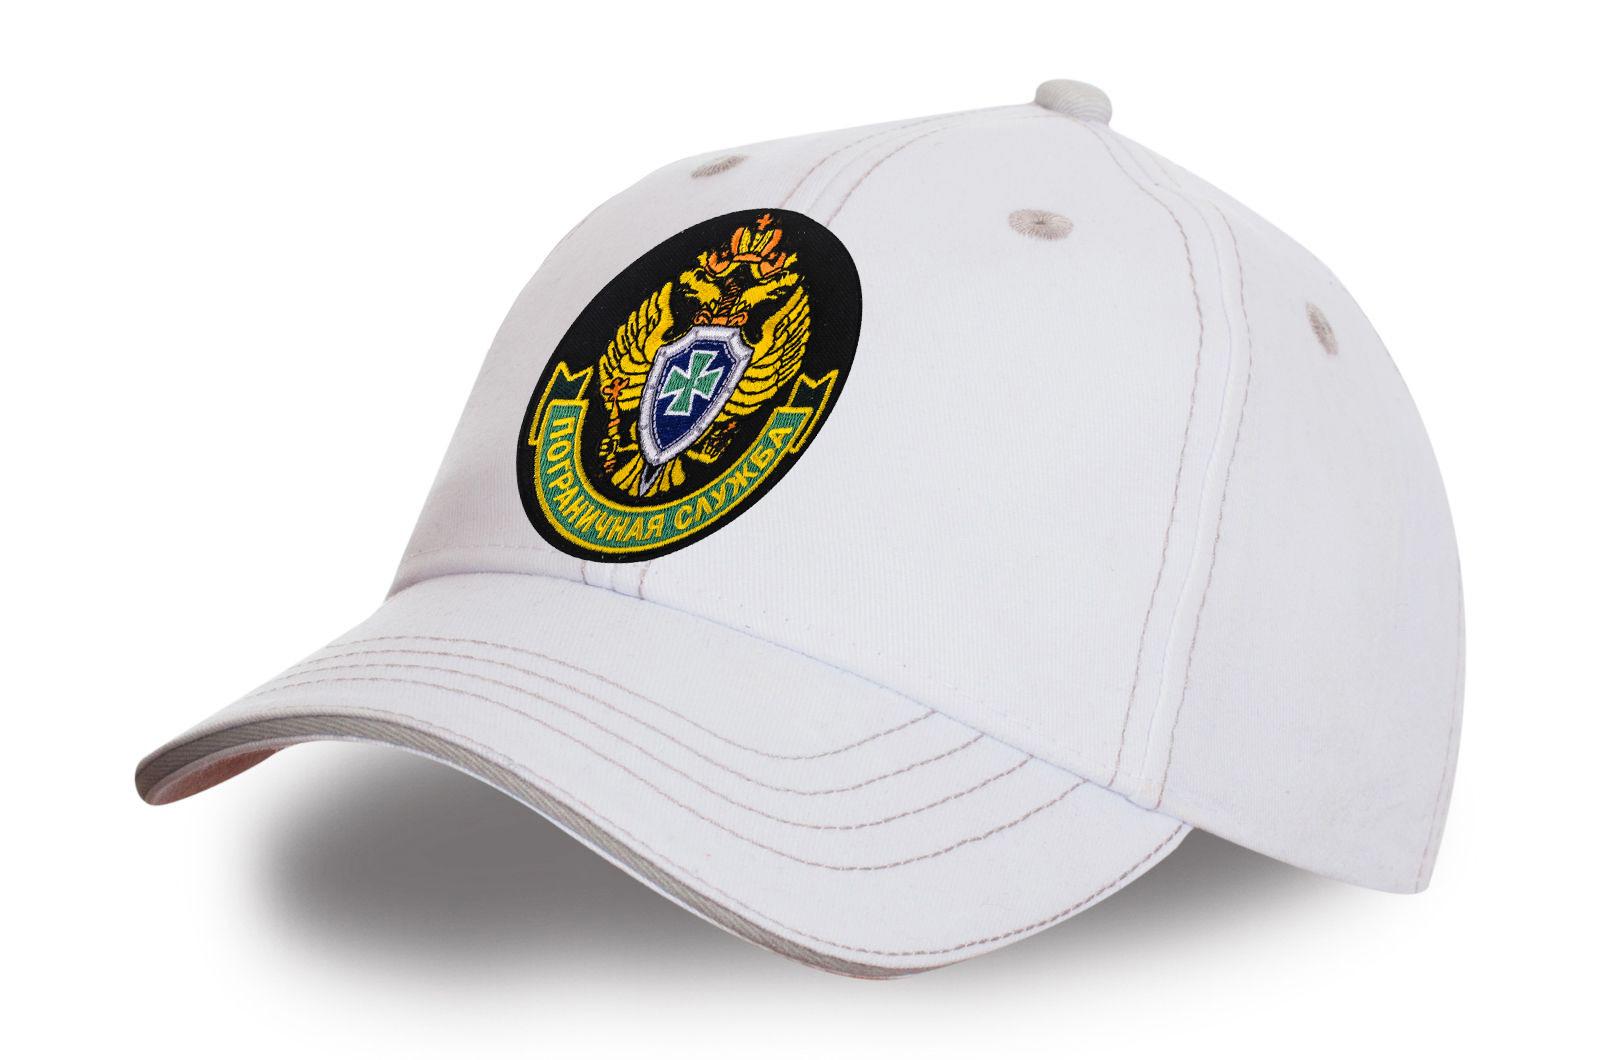 Эксклюзивная кепка сотруднику Пограничной службы